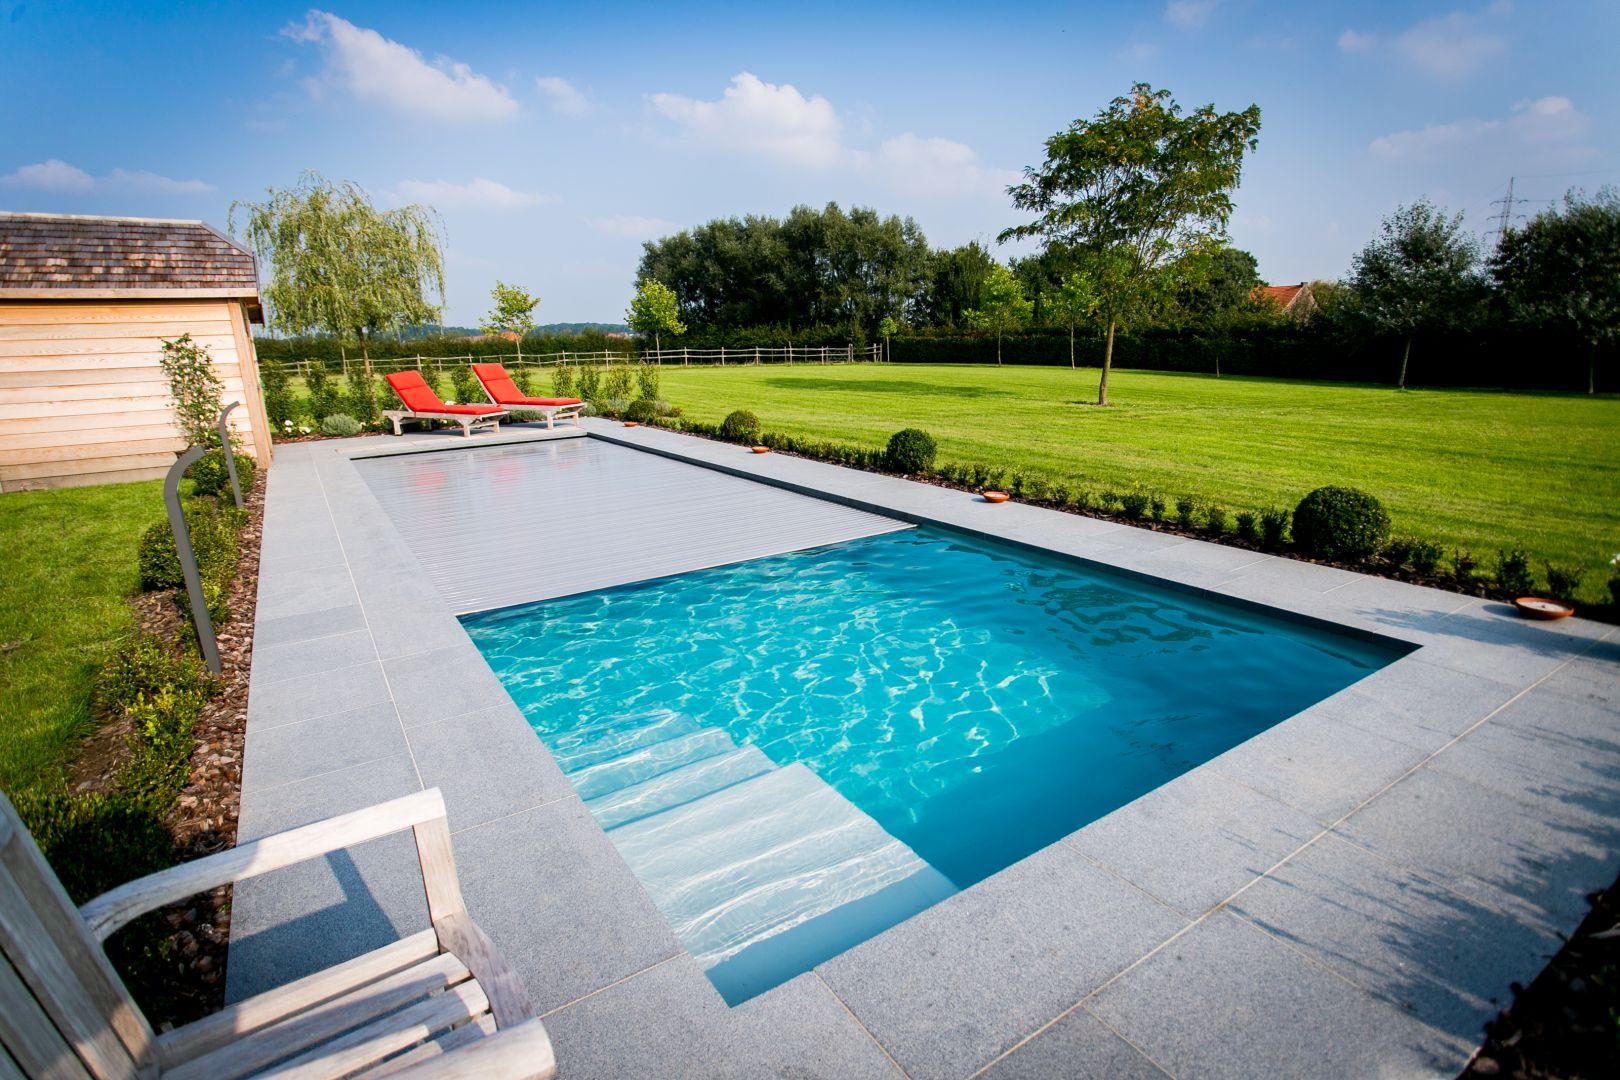 Volet de piscine ou couverture automatique lpw ceramic pools for Piscine monocoque